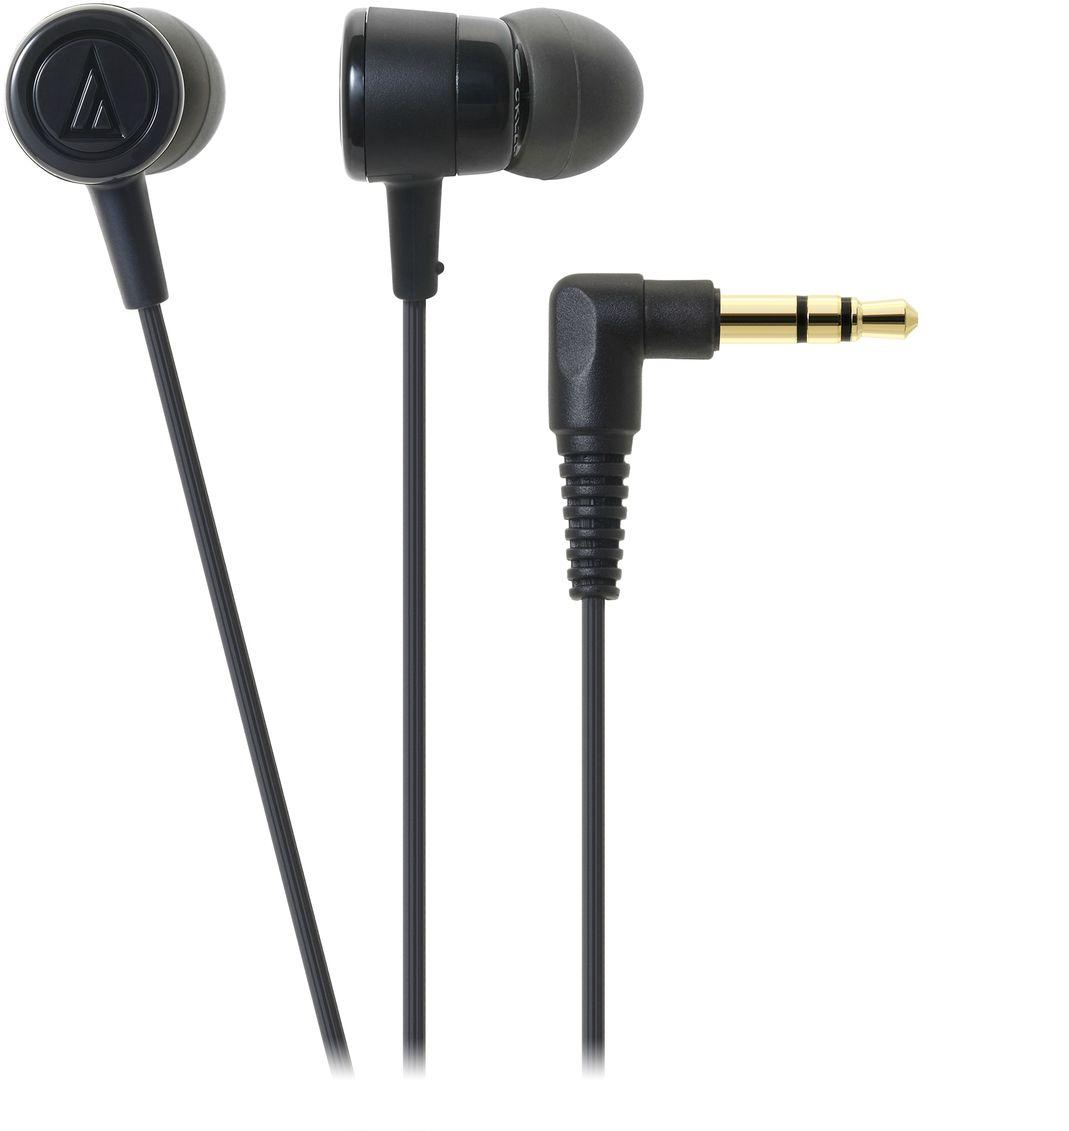 лучшая цена Audio-Technica ATH-CKL220, Black наушники